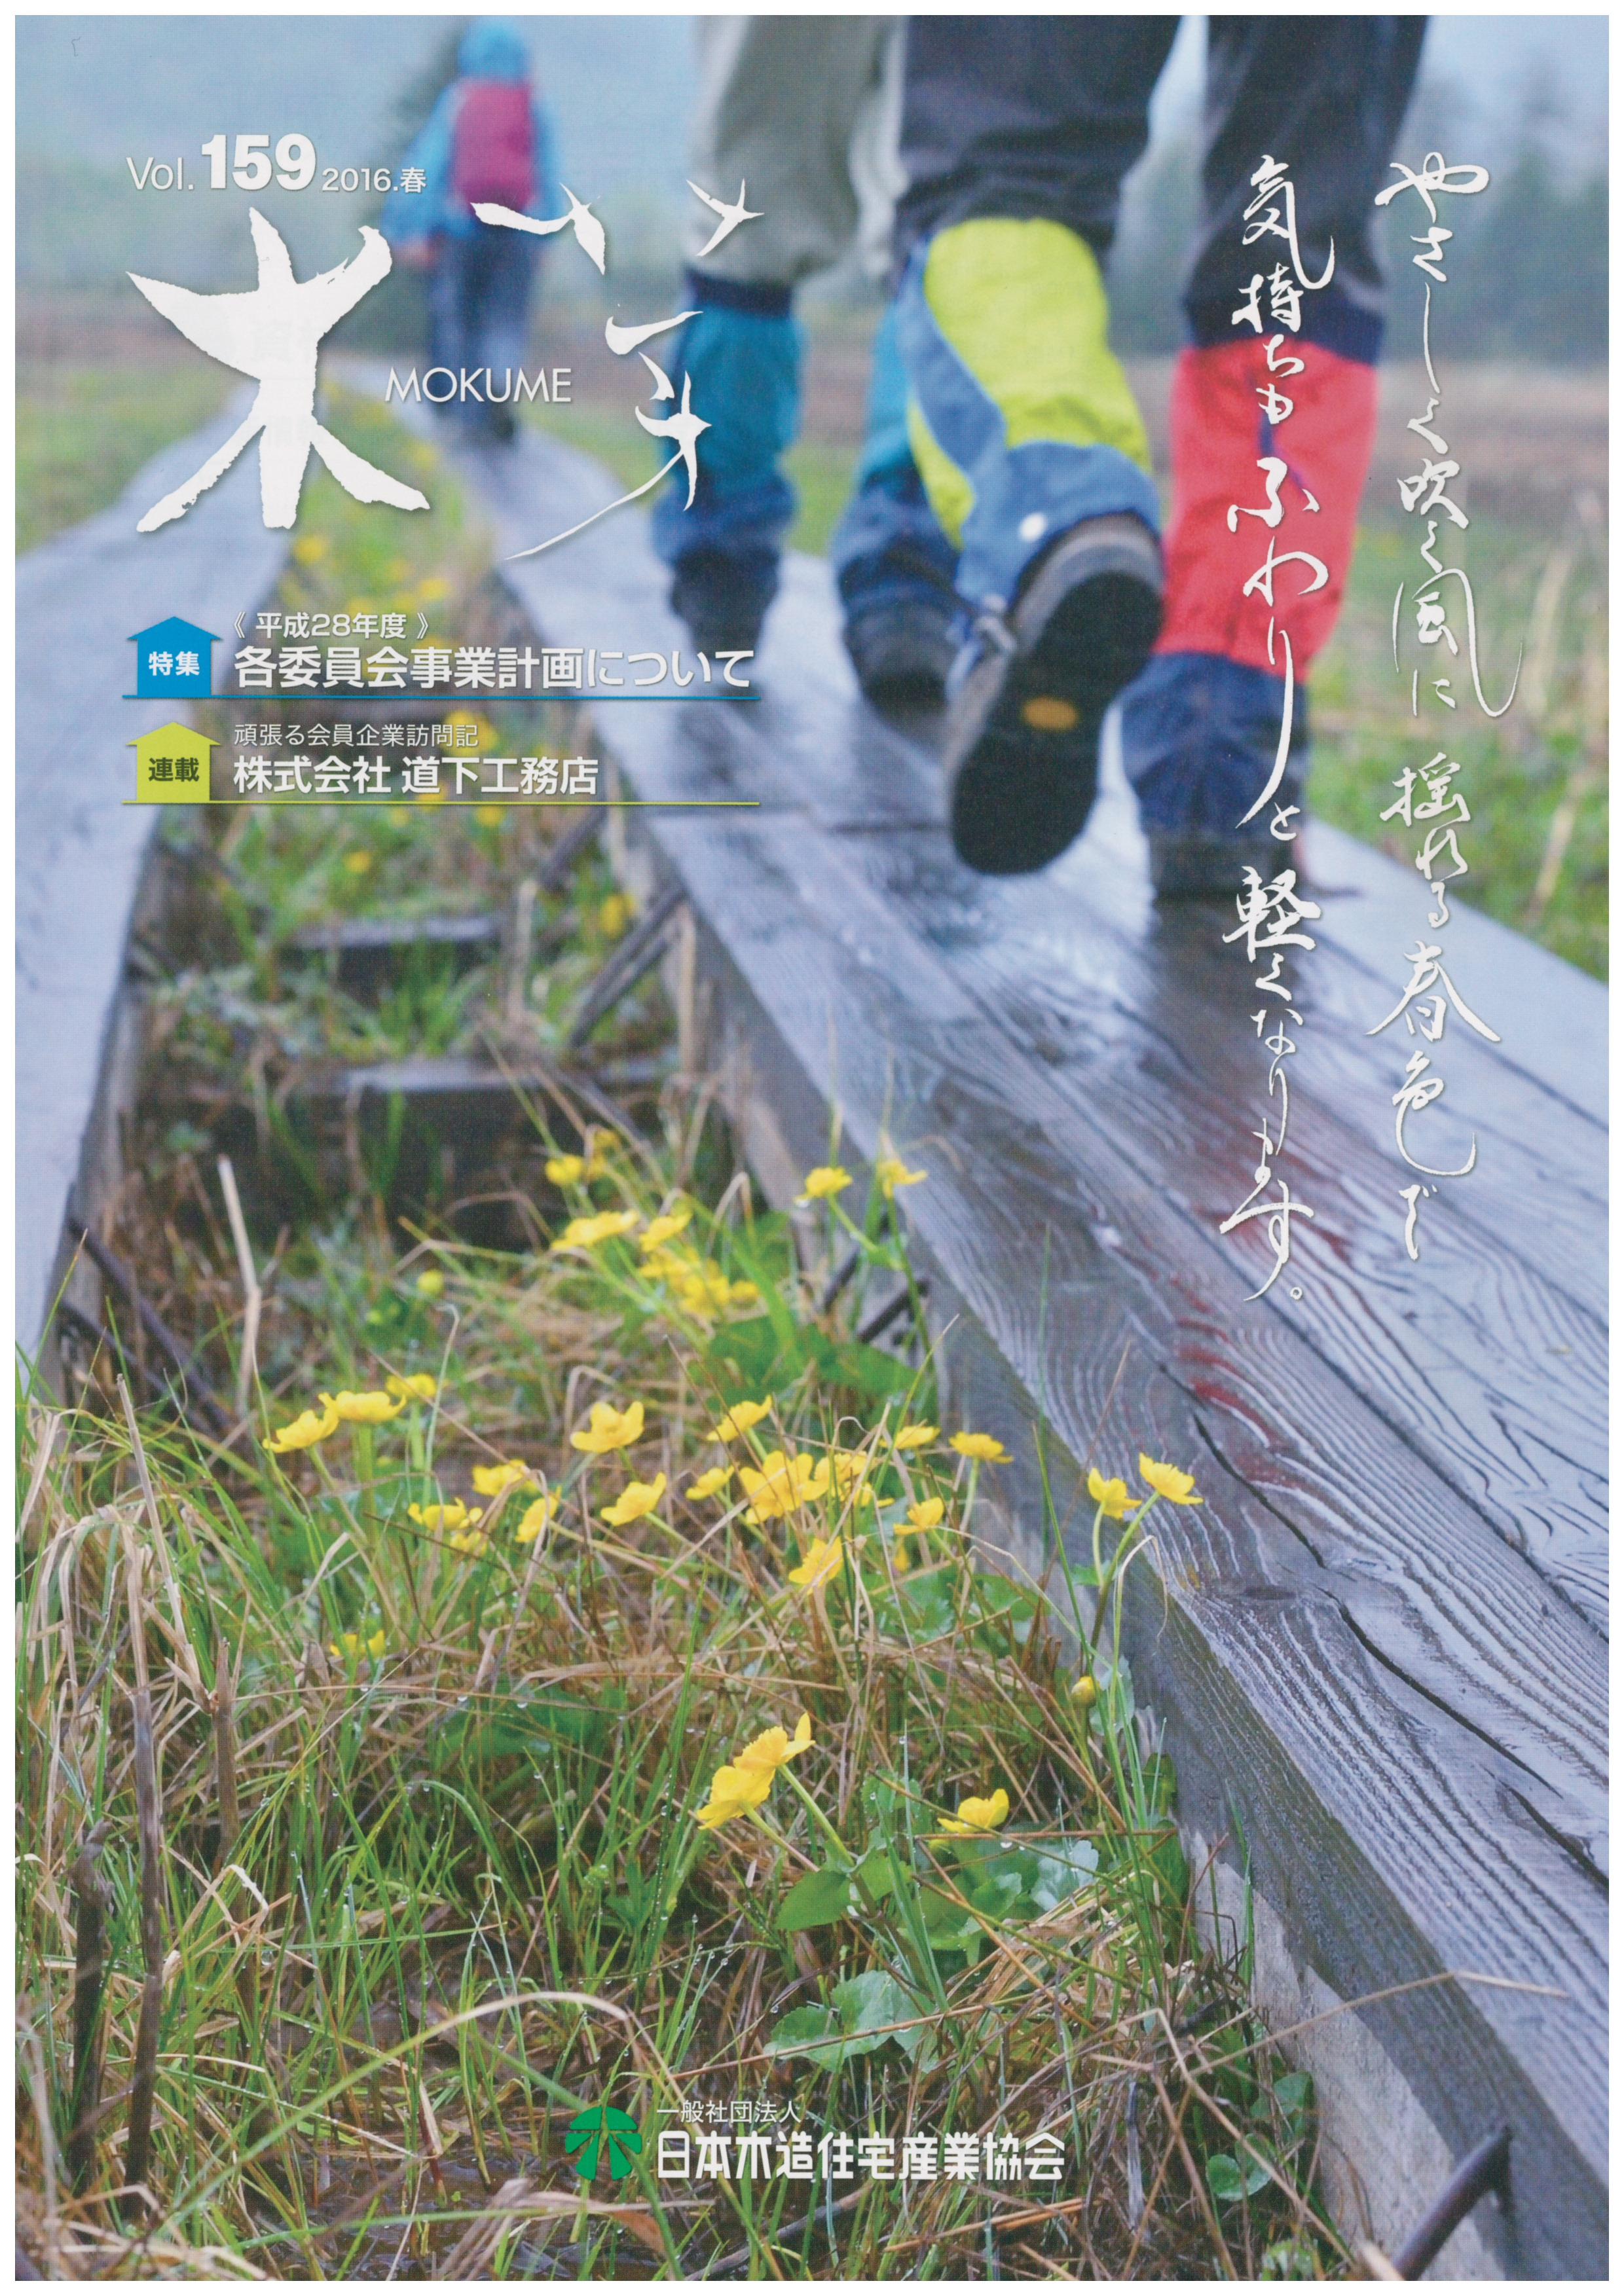 木芽Vol159-2016春-表紙